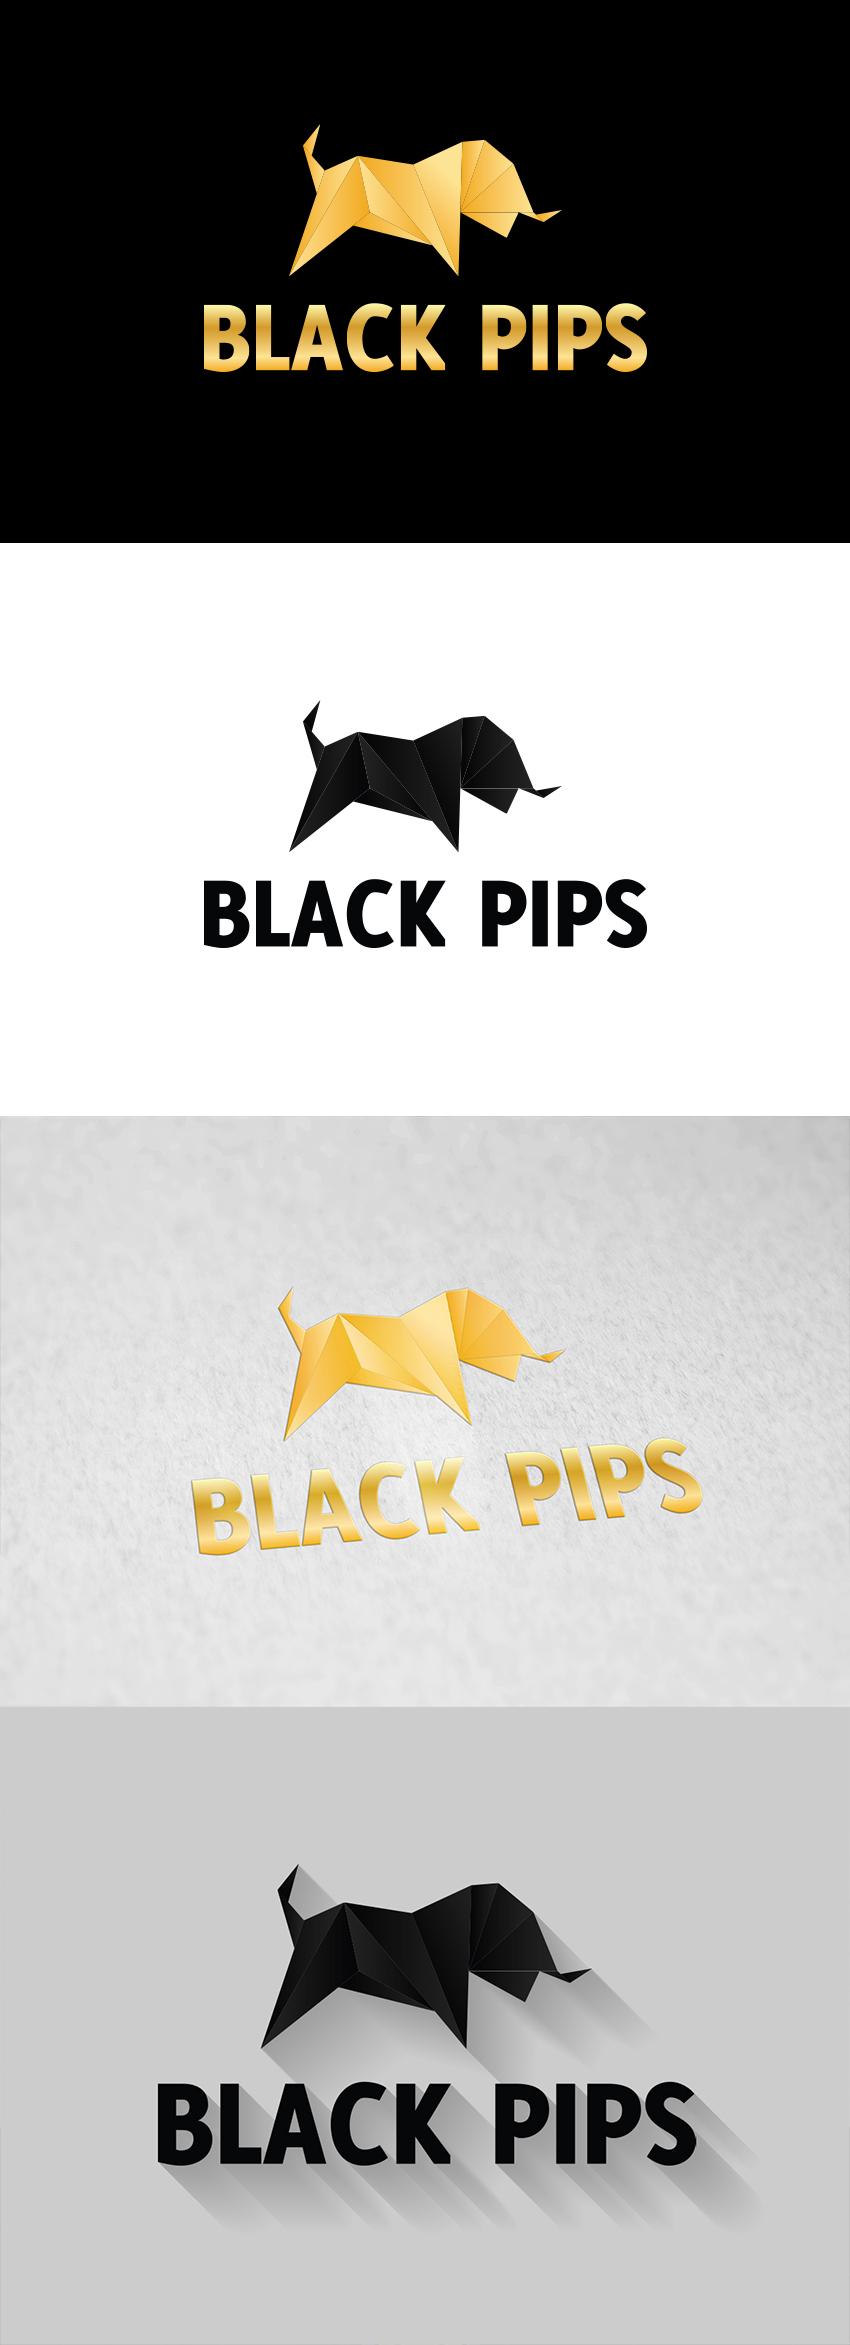 black pips logo